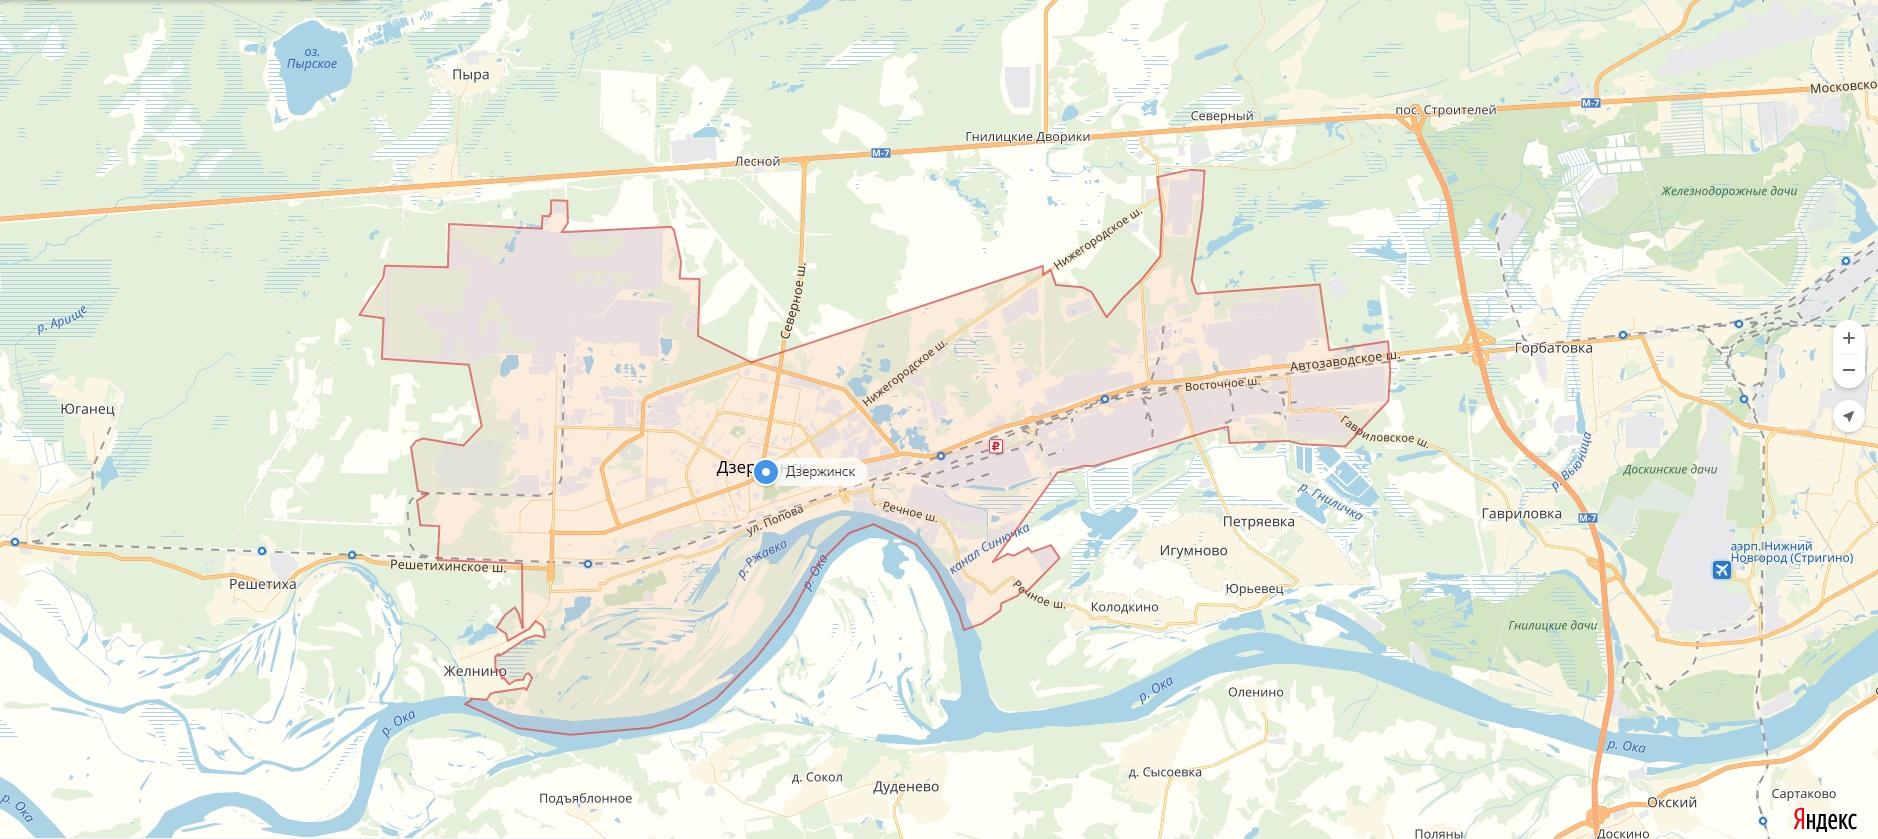 днем картинка карта дзержинска нижегородской области магазин бауцентр предлагает